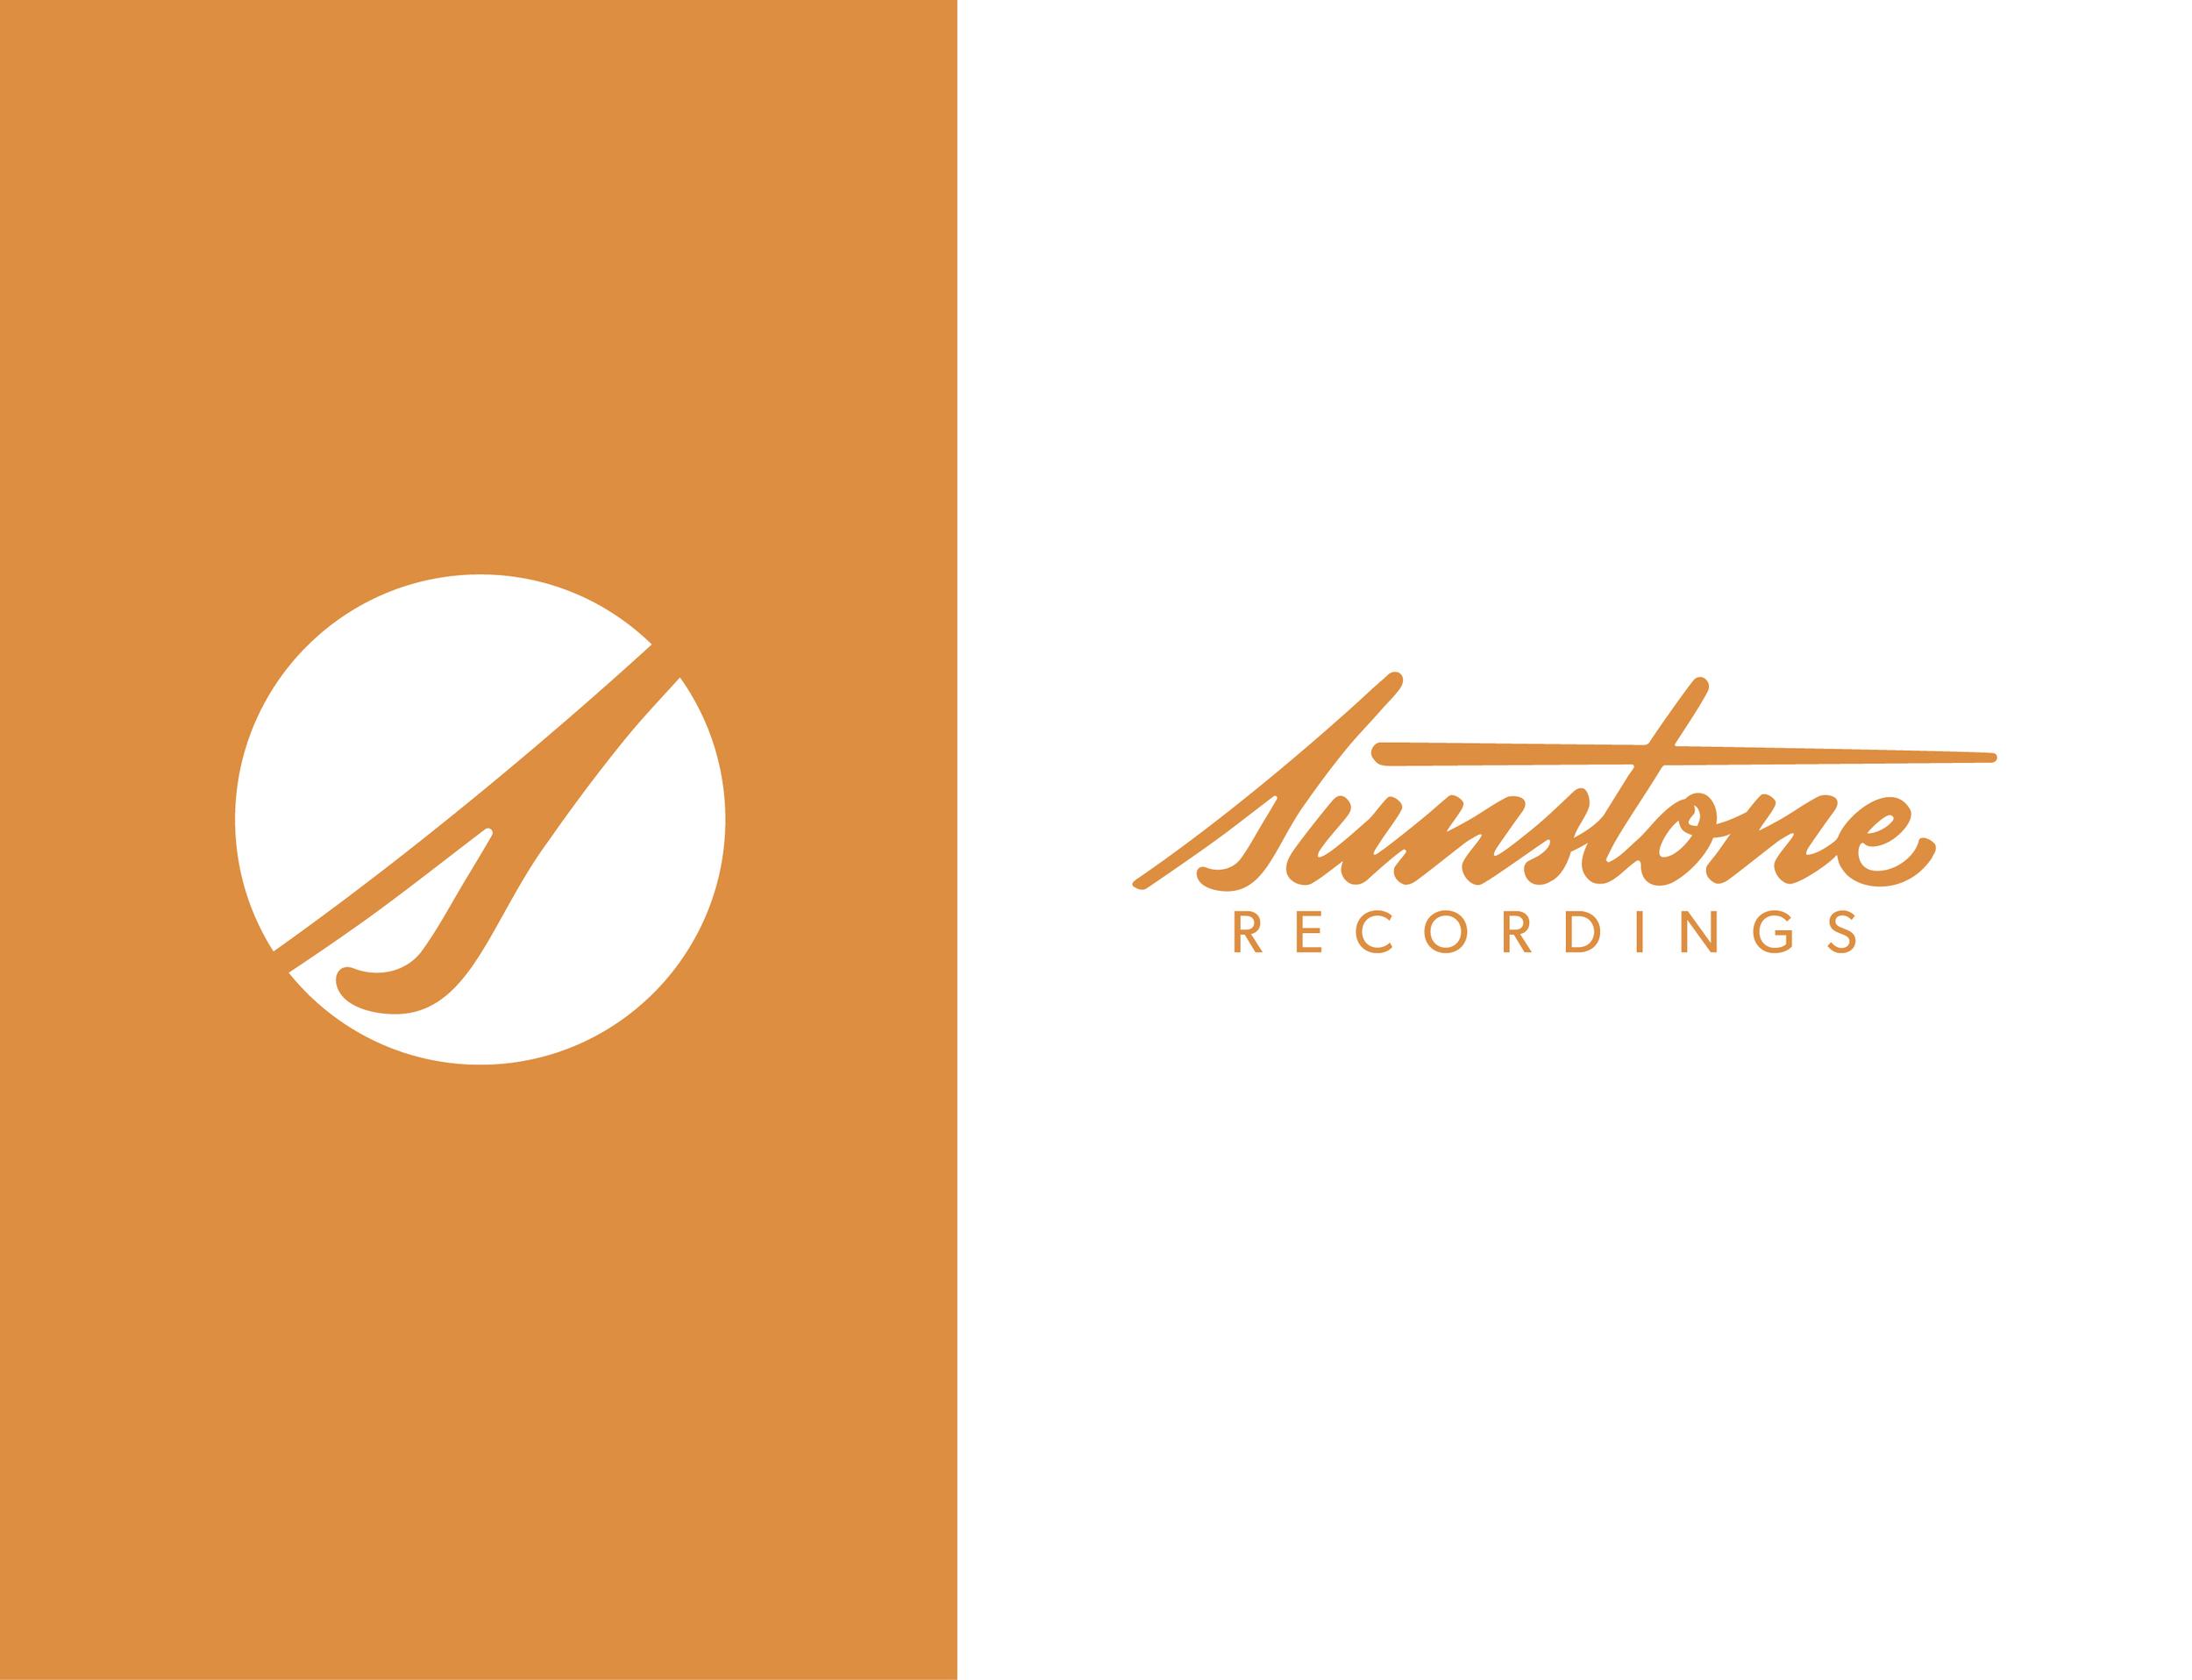 Sunstone Recordings Orange Split